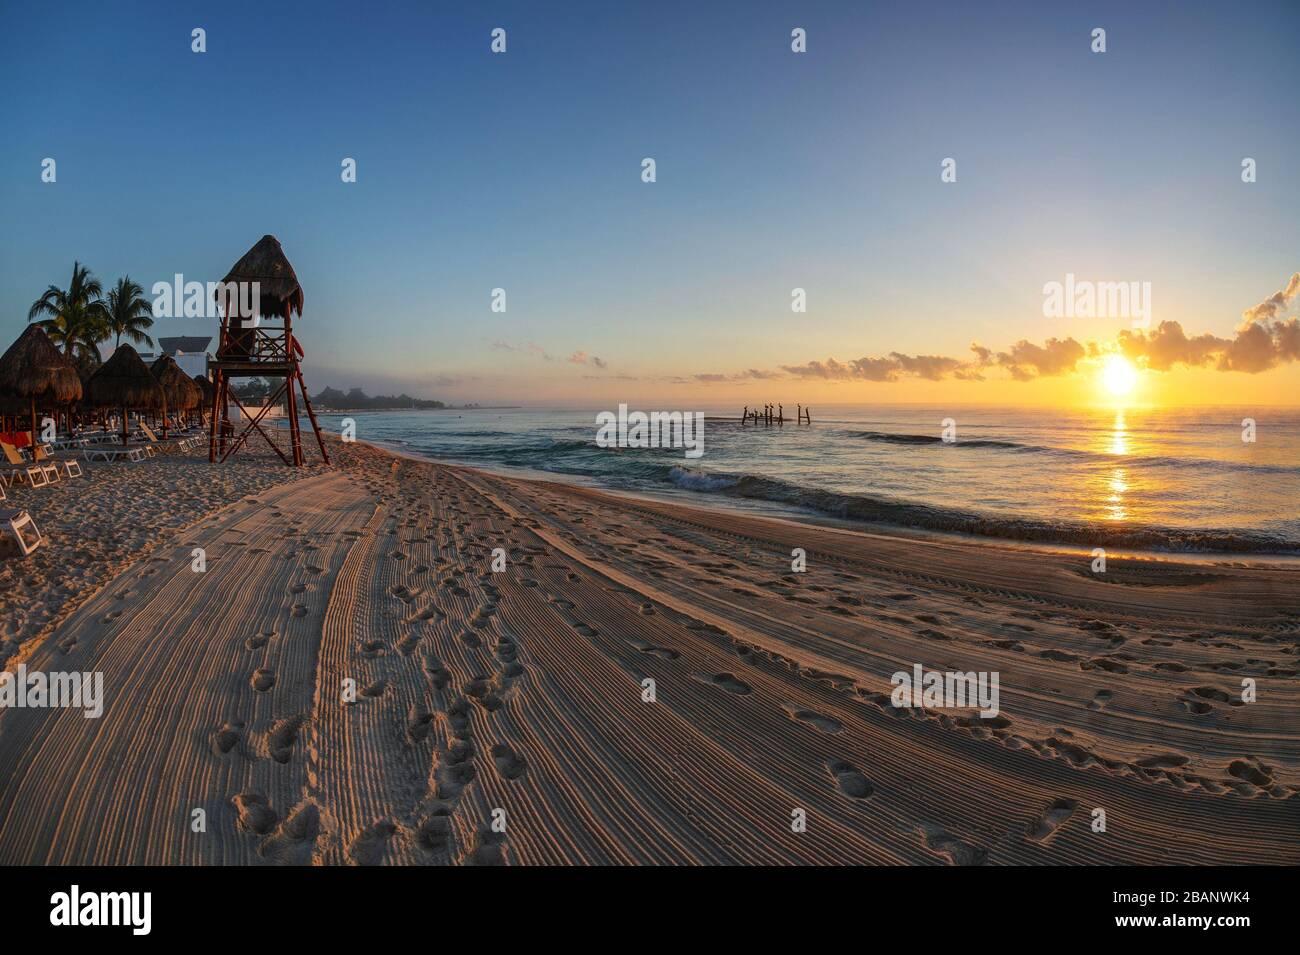 Lever de soleil doré sur les plages tropicales de la Riviera Maya près de Cancun, Mexique, avec tour de sauveteur surplombant la mer des Caraïbes. Banque D'Images